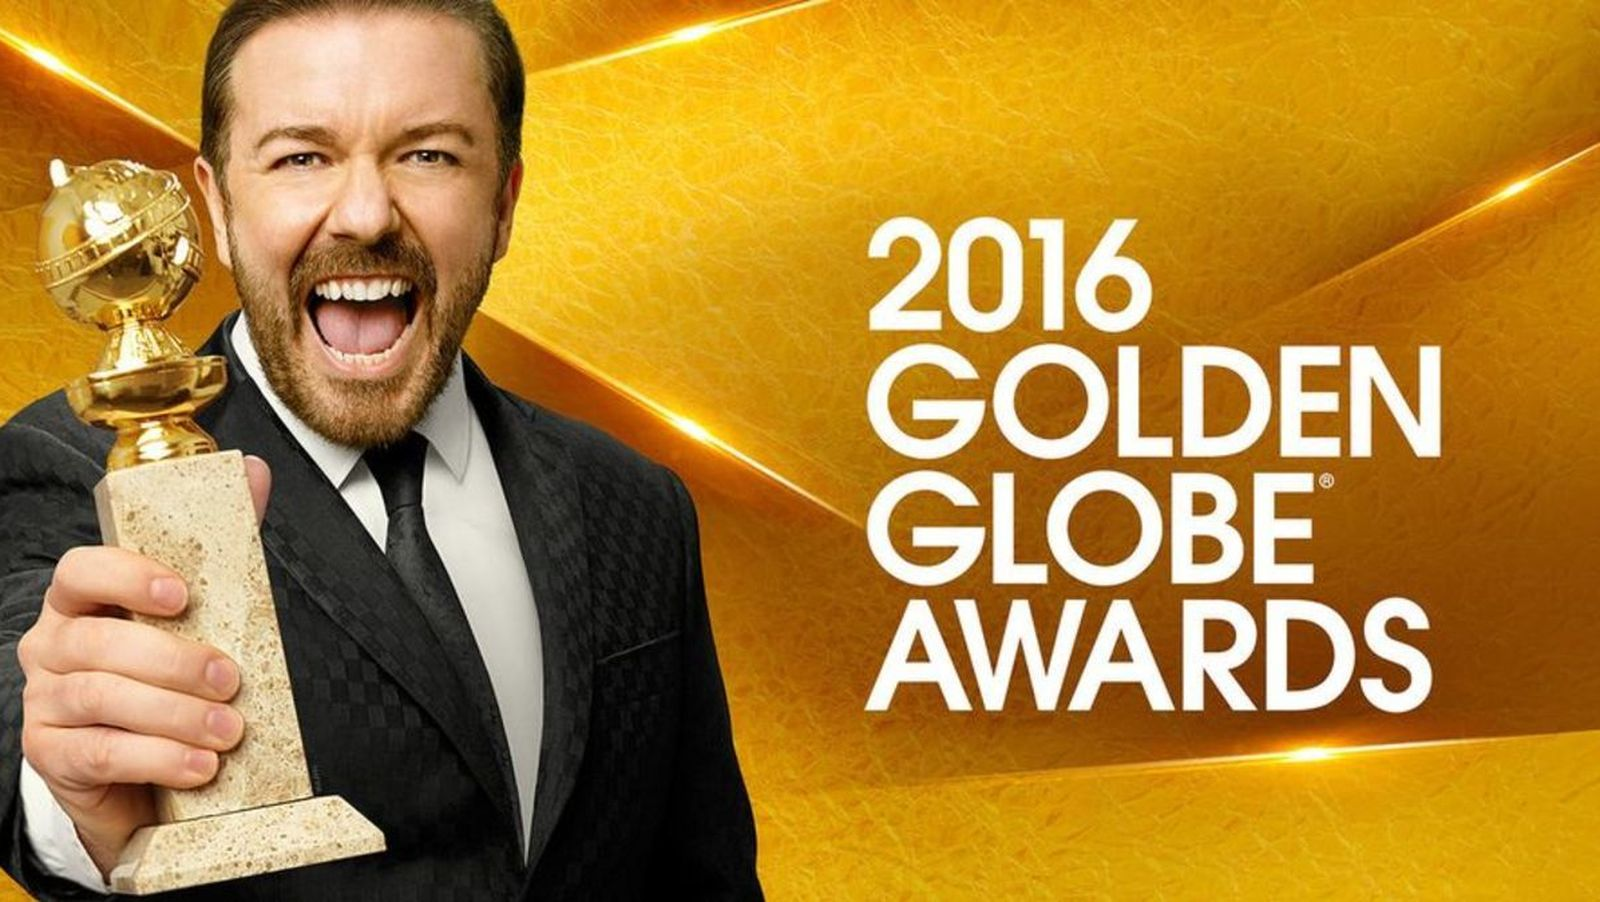 Foto: Ricky Gervais presenta la gala de los Globos de Oro 2016.